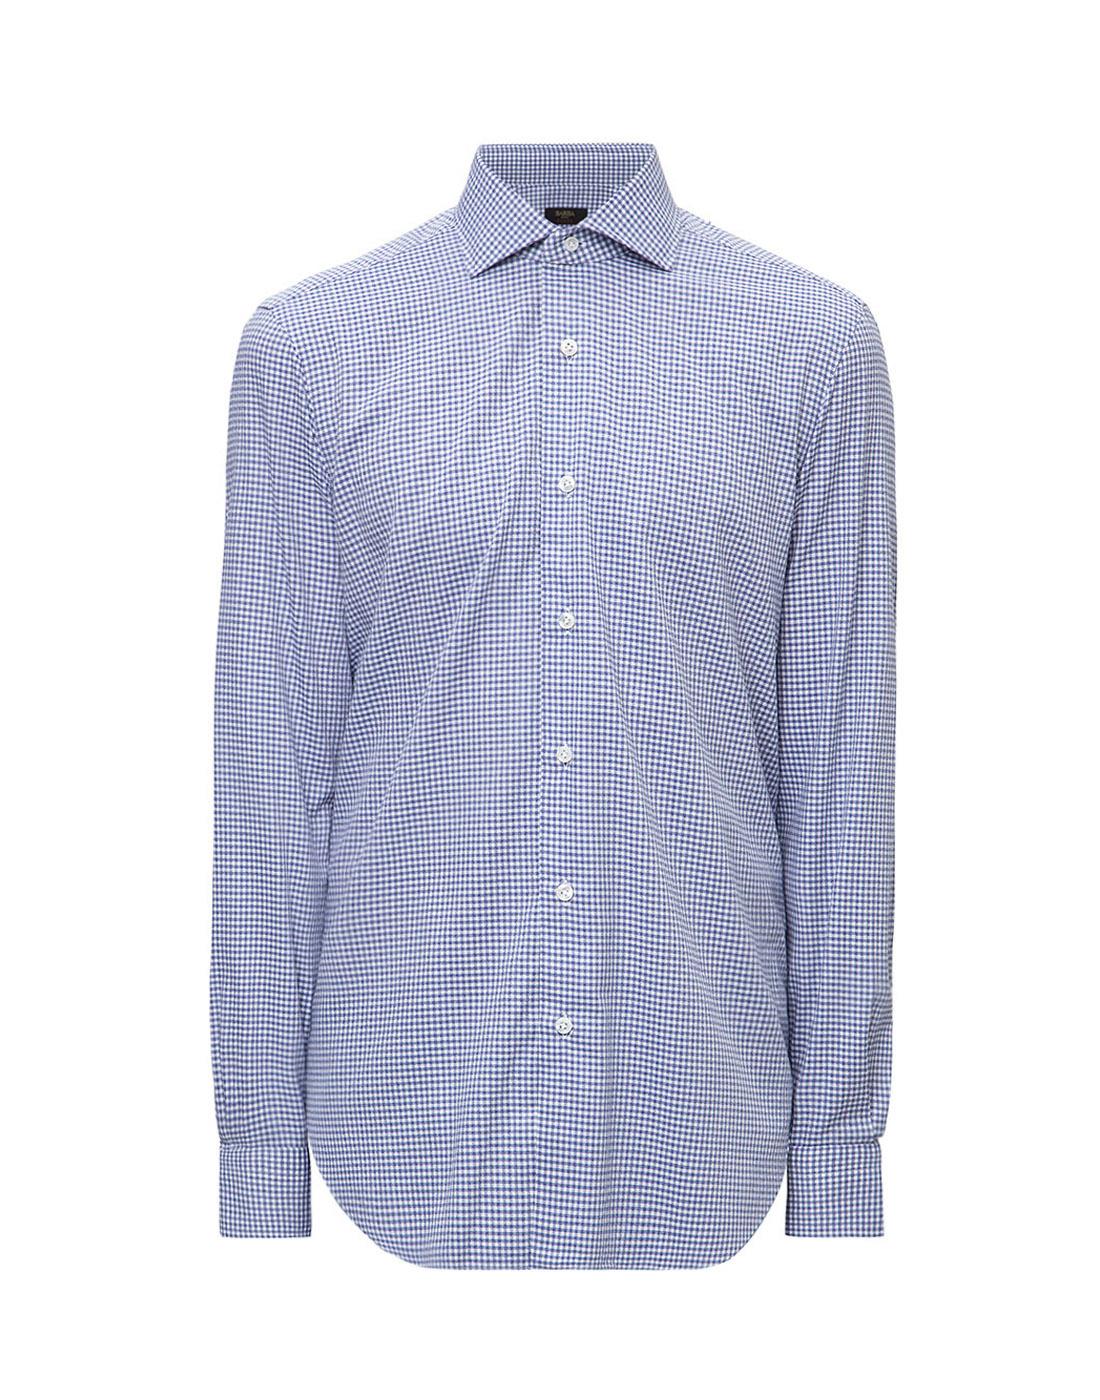 Мужская голубая рубашка в клетку Barba SK4U132599301W-1